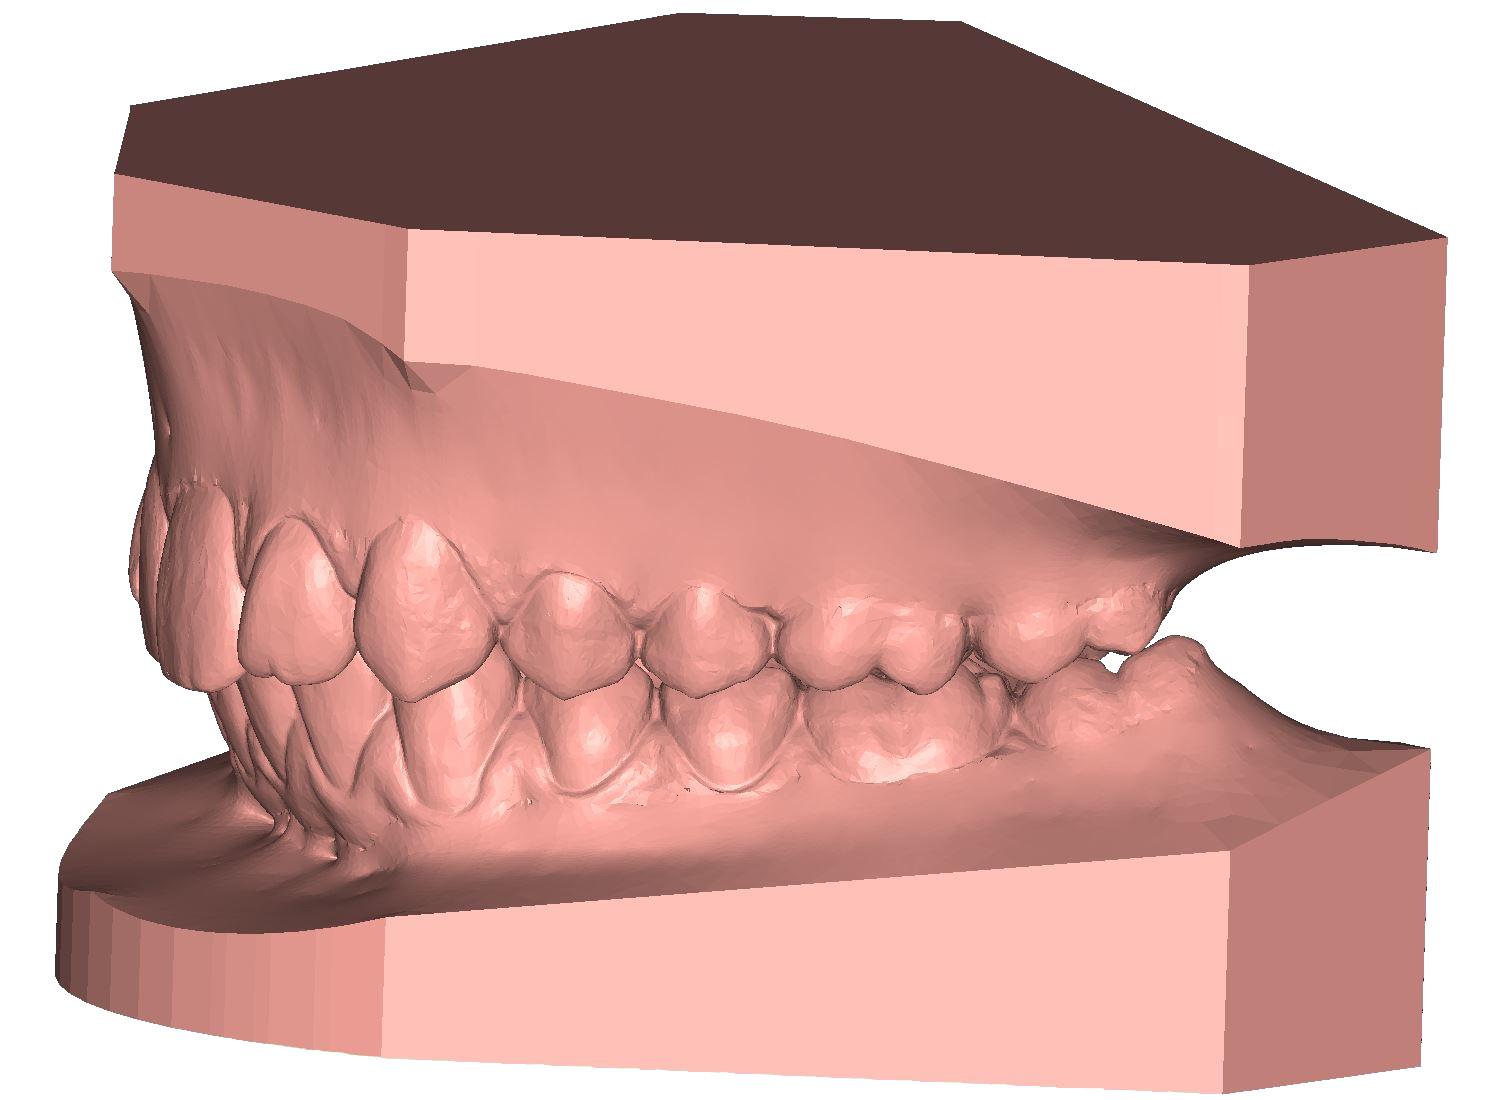 ArchBase base d'étude Modèle 3D dentaire DeltaFace